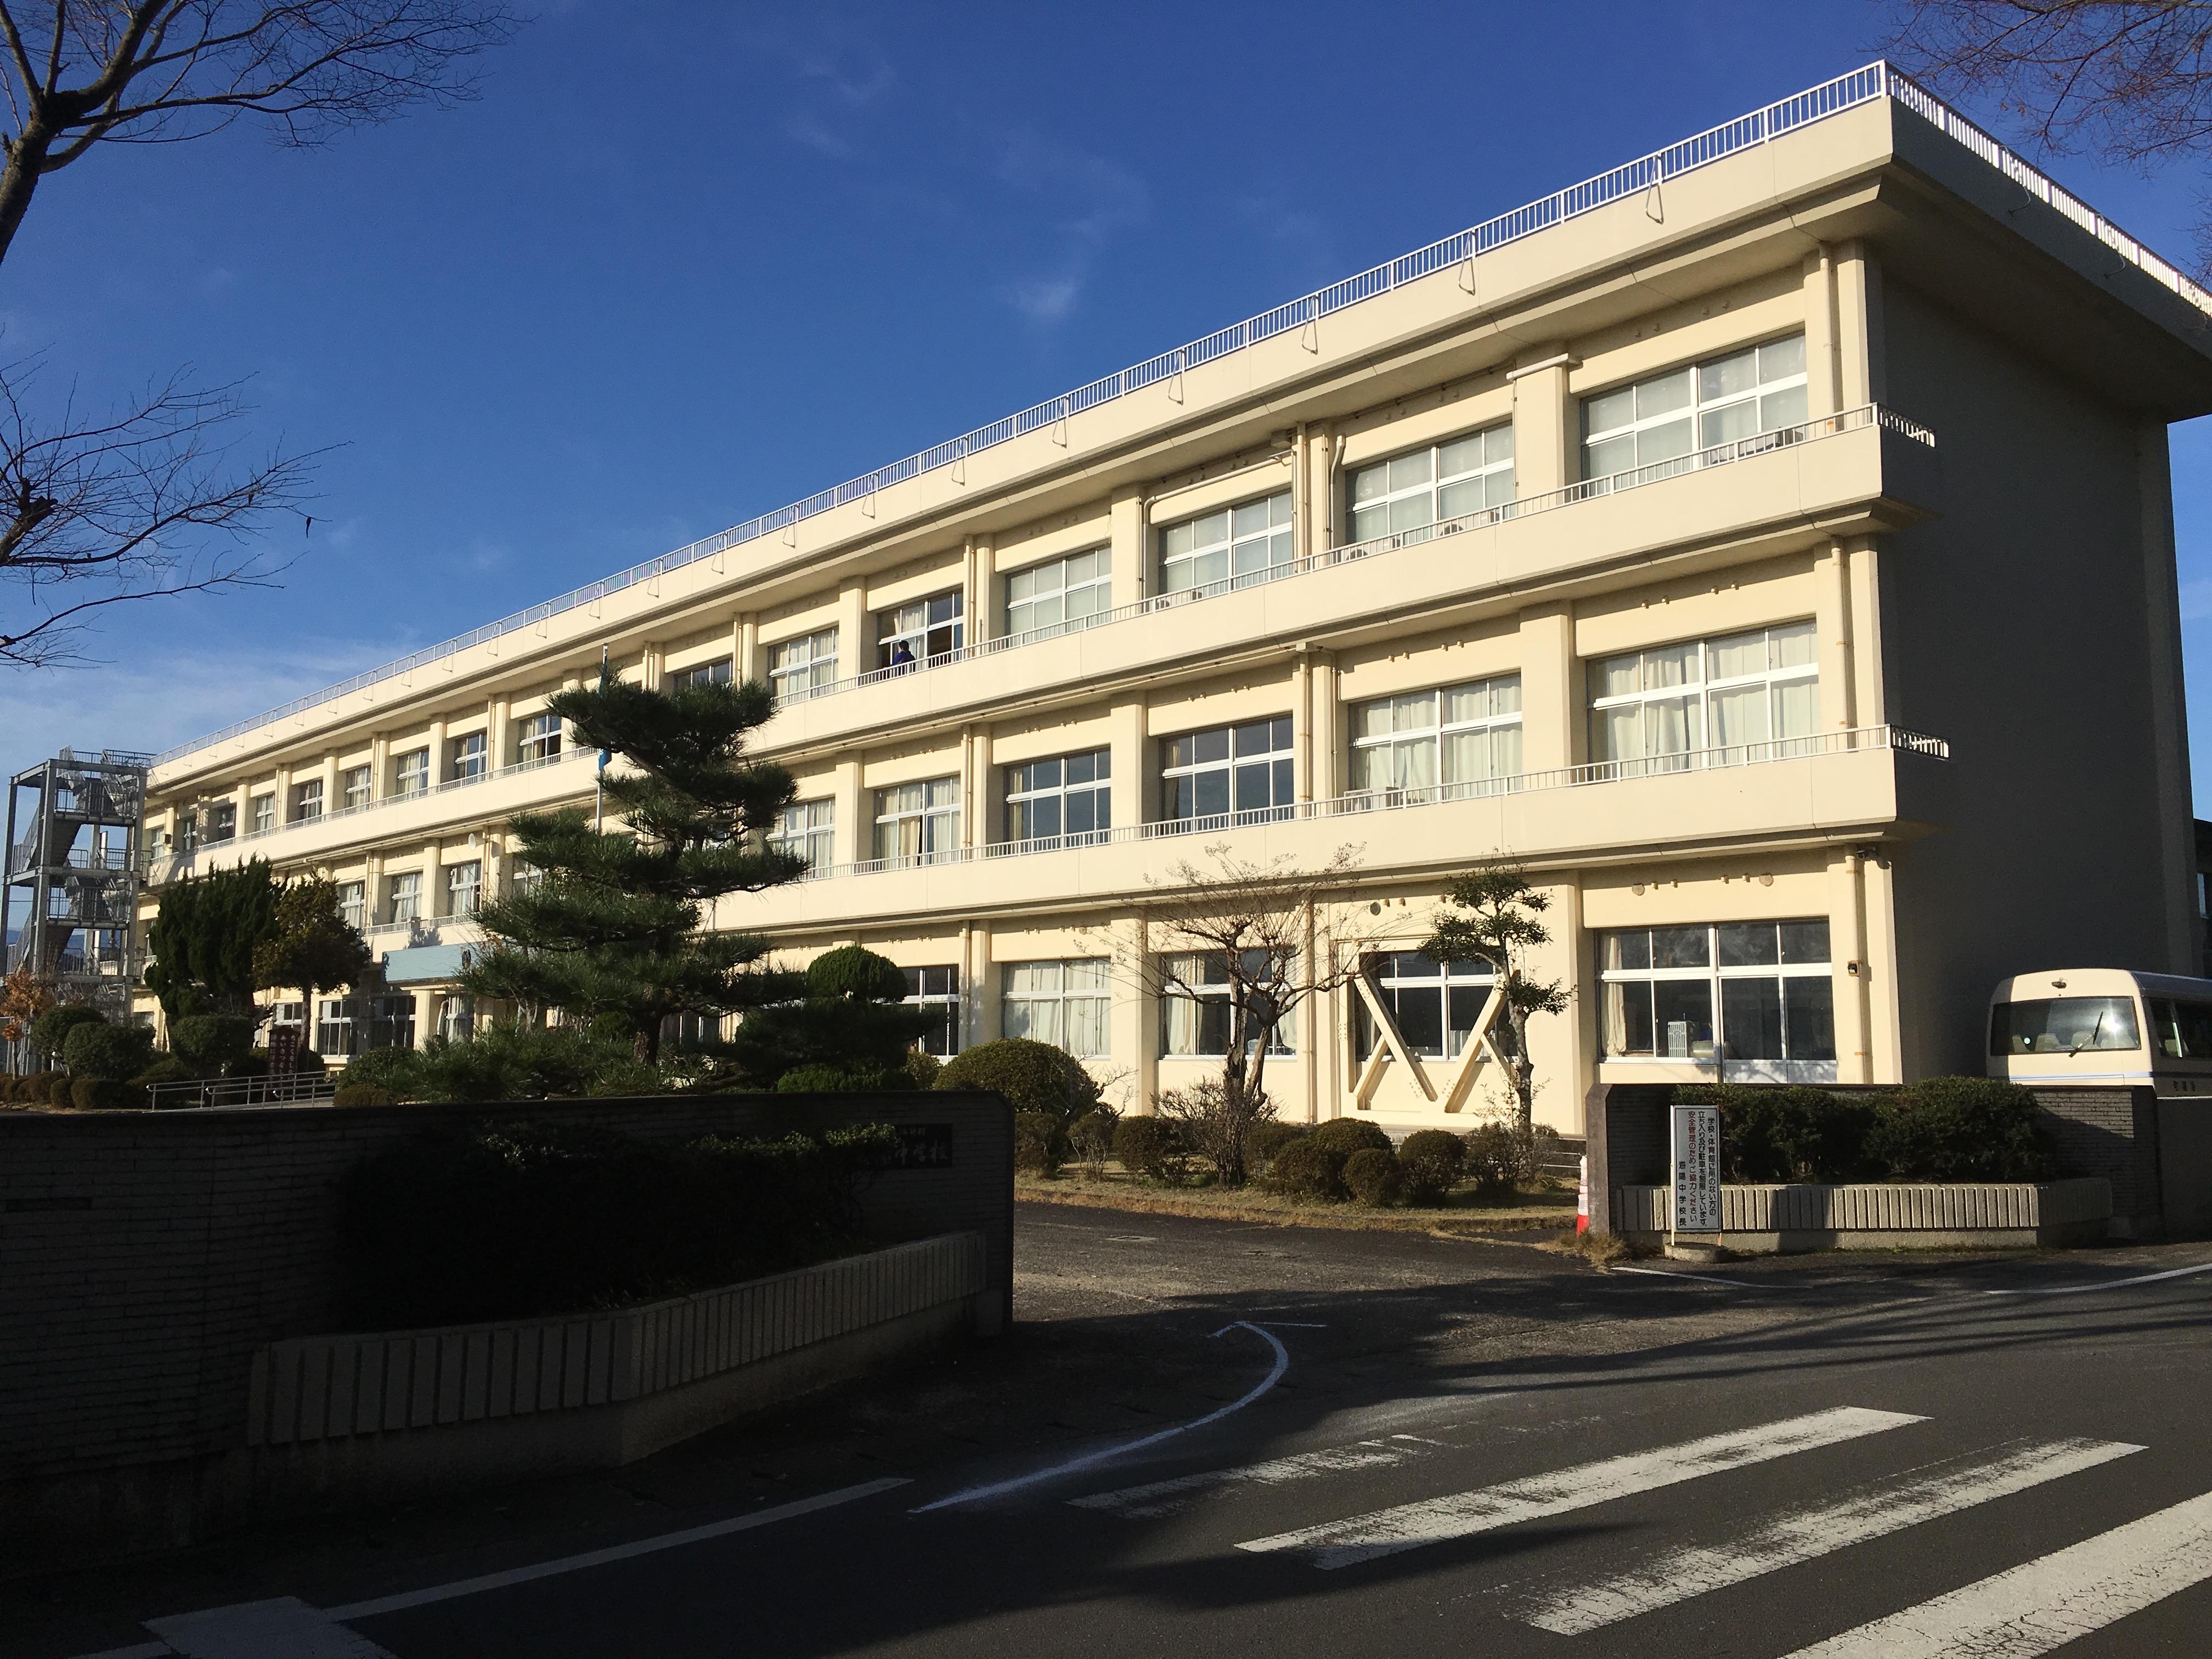 海陽中学校 総合学習レポート –地域の魅力を、自分たちの手で届けること-